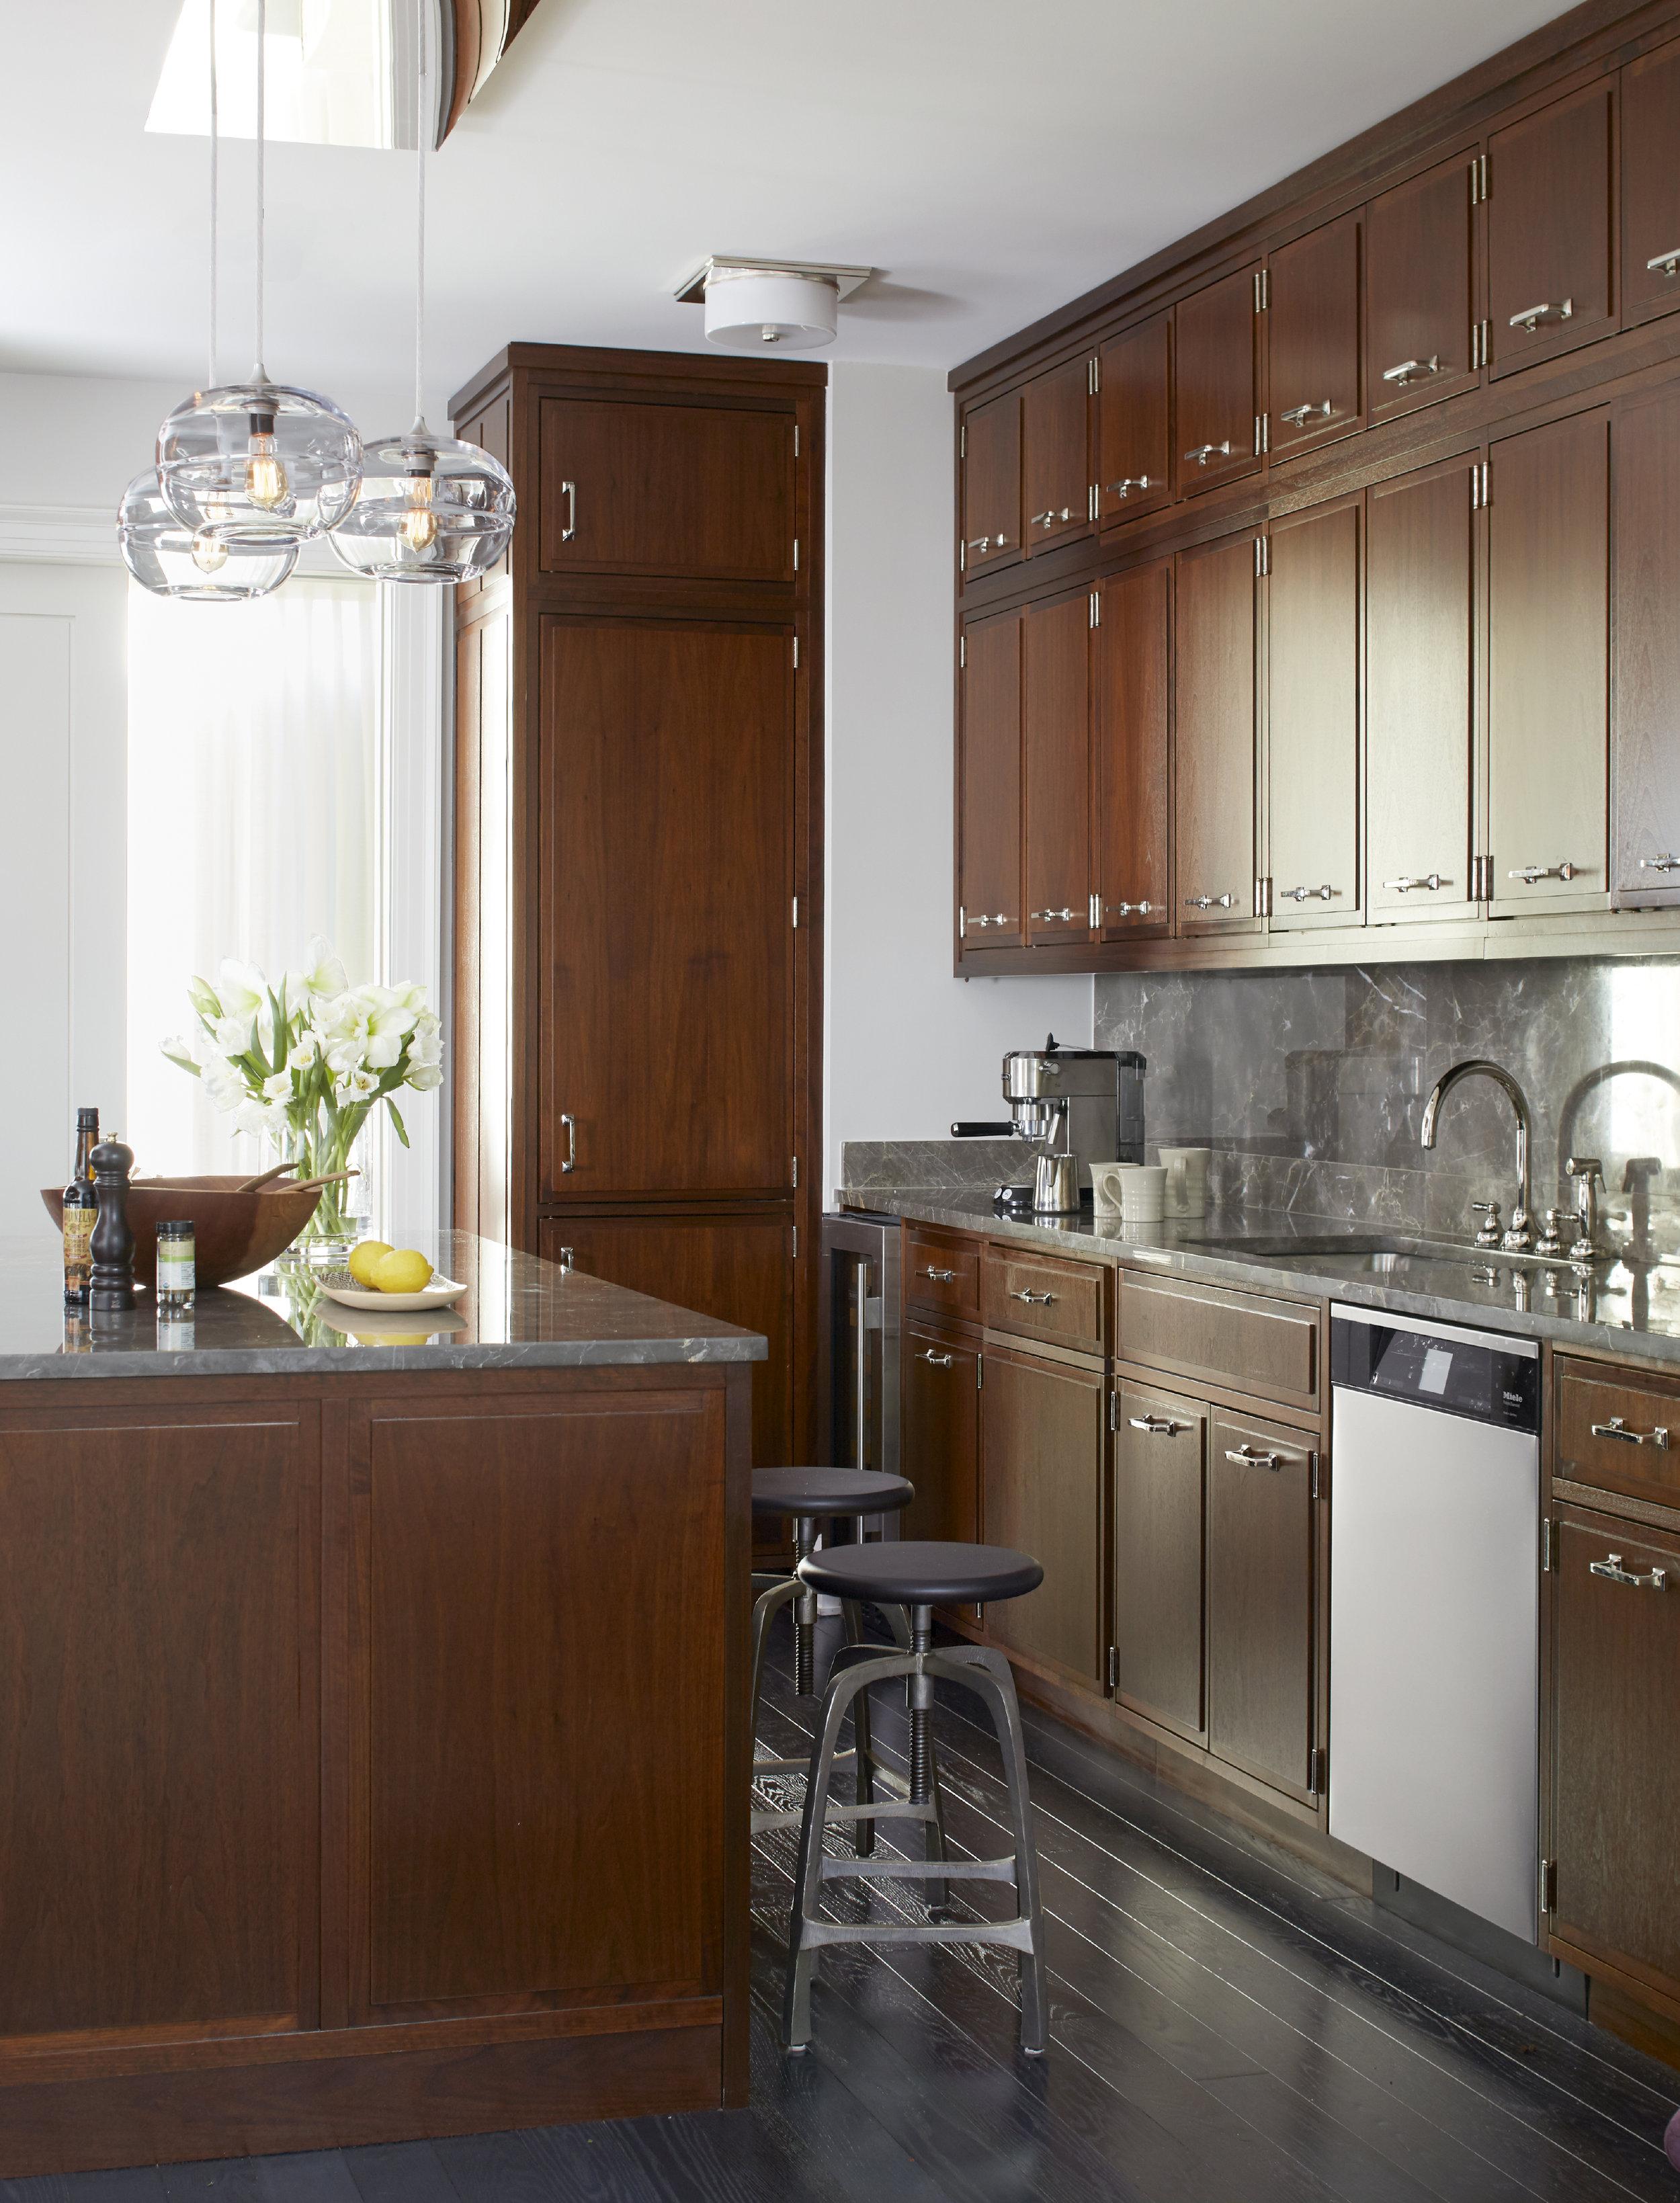 014_kitchen_25940a.JPG